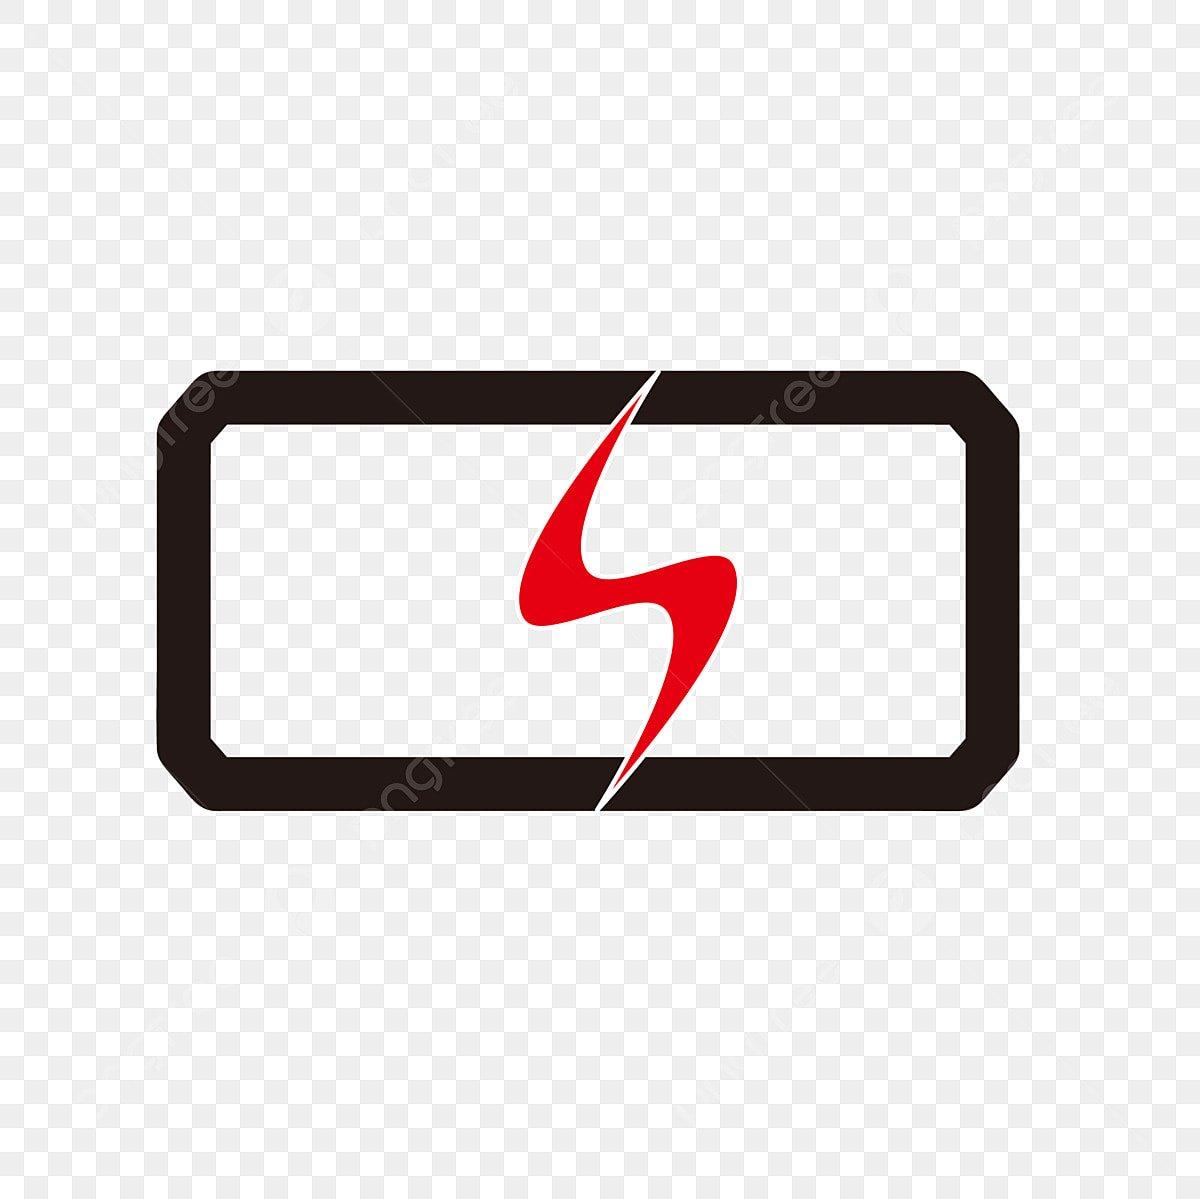 peralatan listrik peralatan listrik peralatan rumah tangga listrik png dan vektor dengan latar belakang transparan untuk unduh gratis https id pngtree com freepng electrical appliances 5408415 html